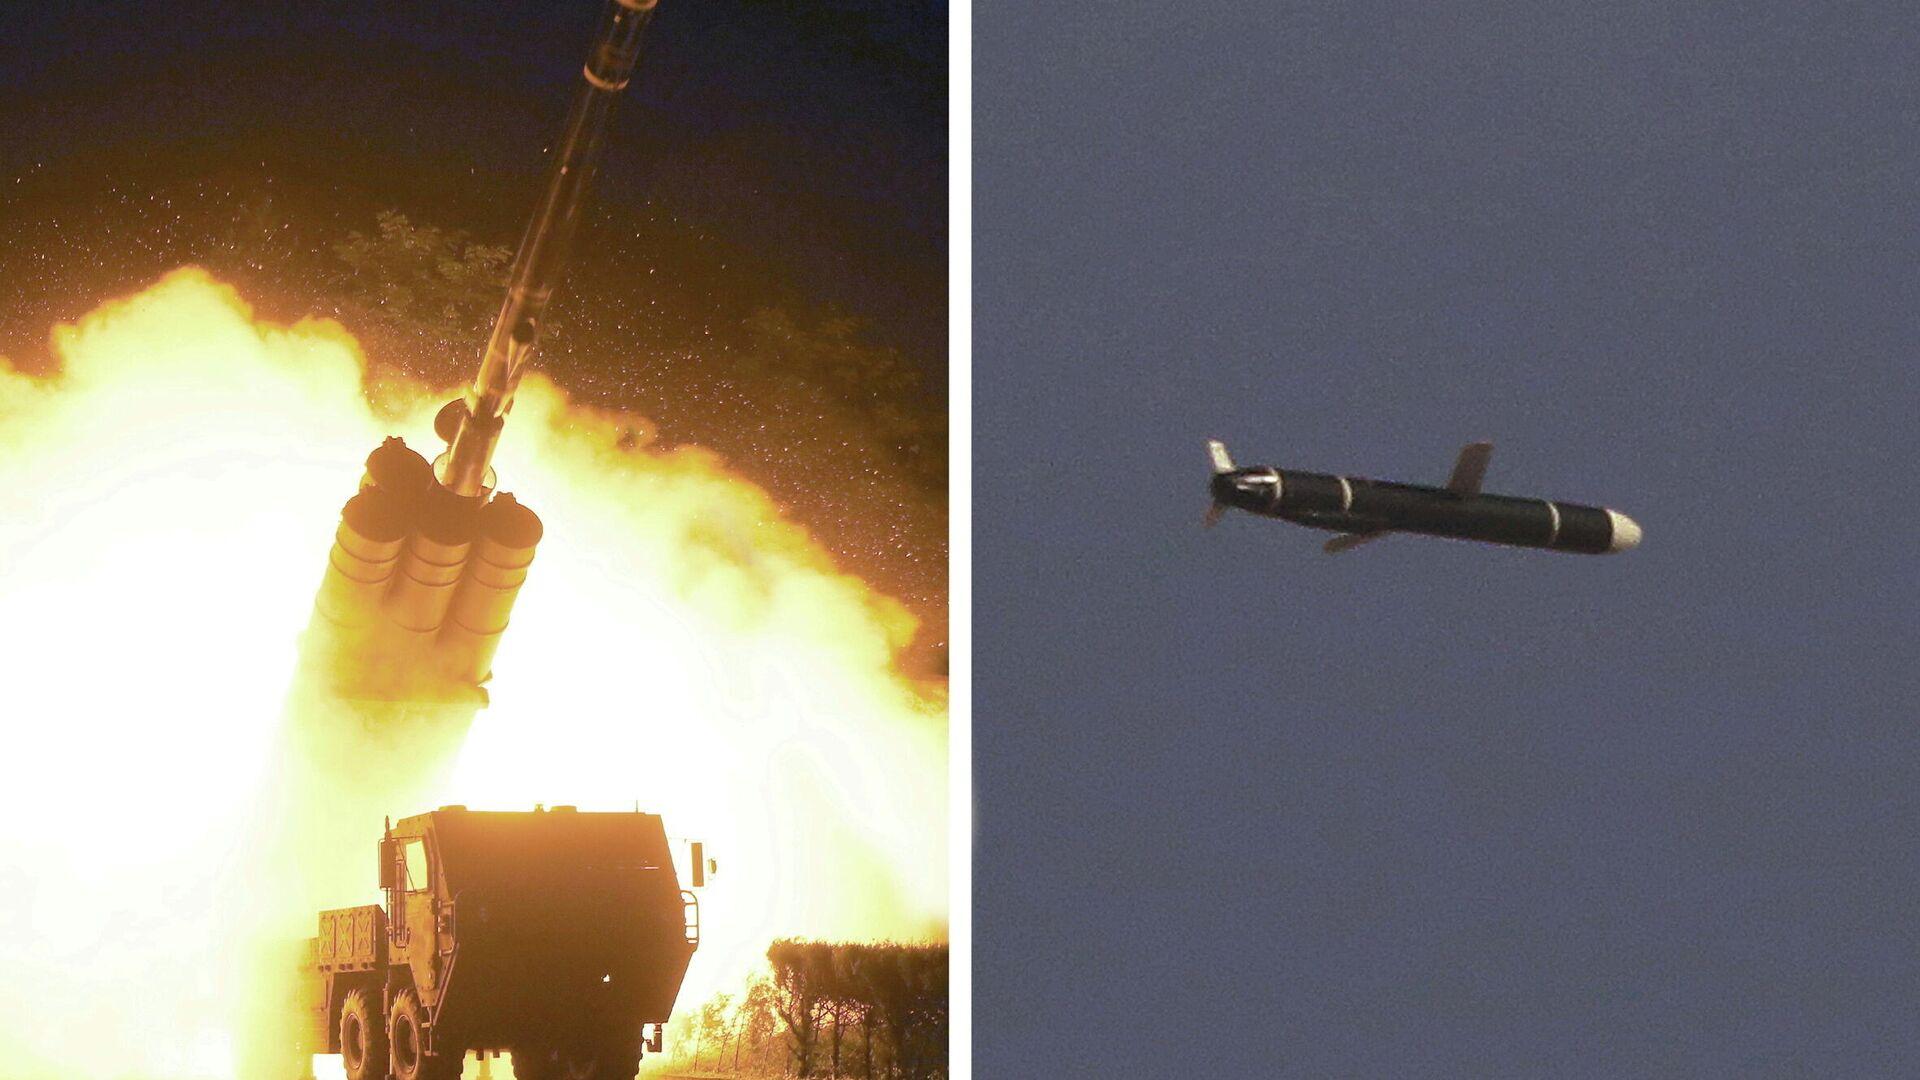 Испытание крылатых ракет большой дальности в Северной Корее - РИА Новости, 1920, 15.09.2021